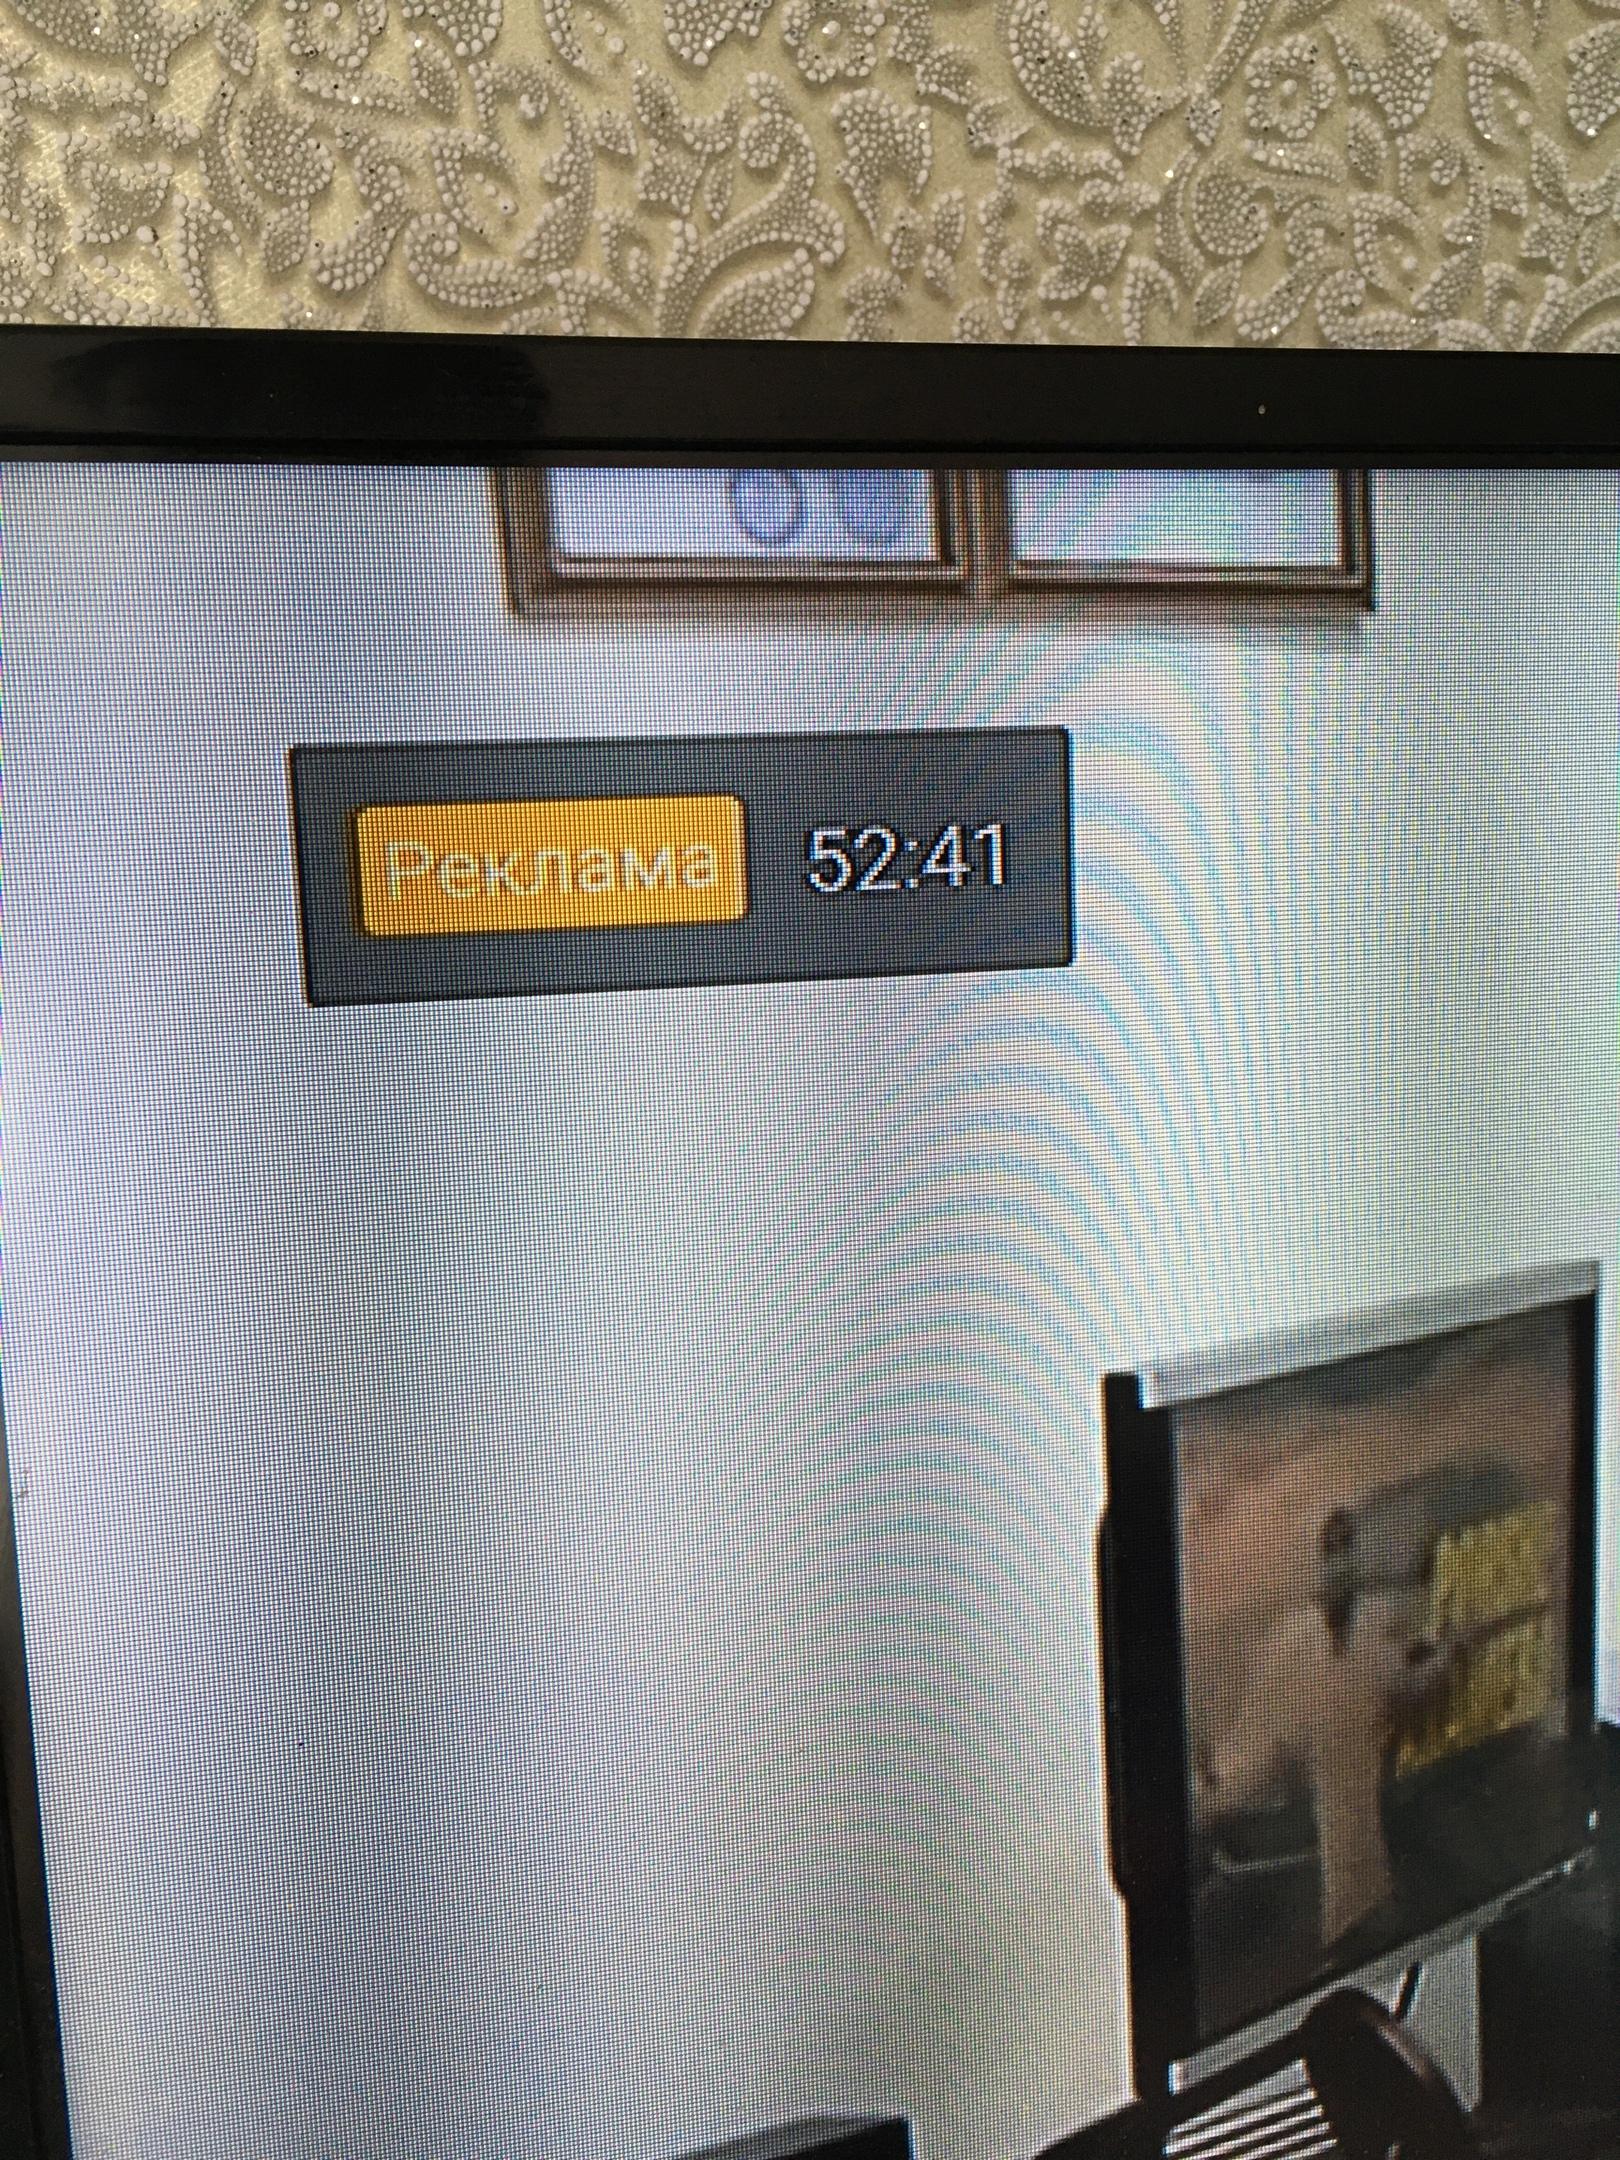 «Безразмерная» реклама на ютубе